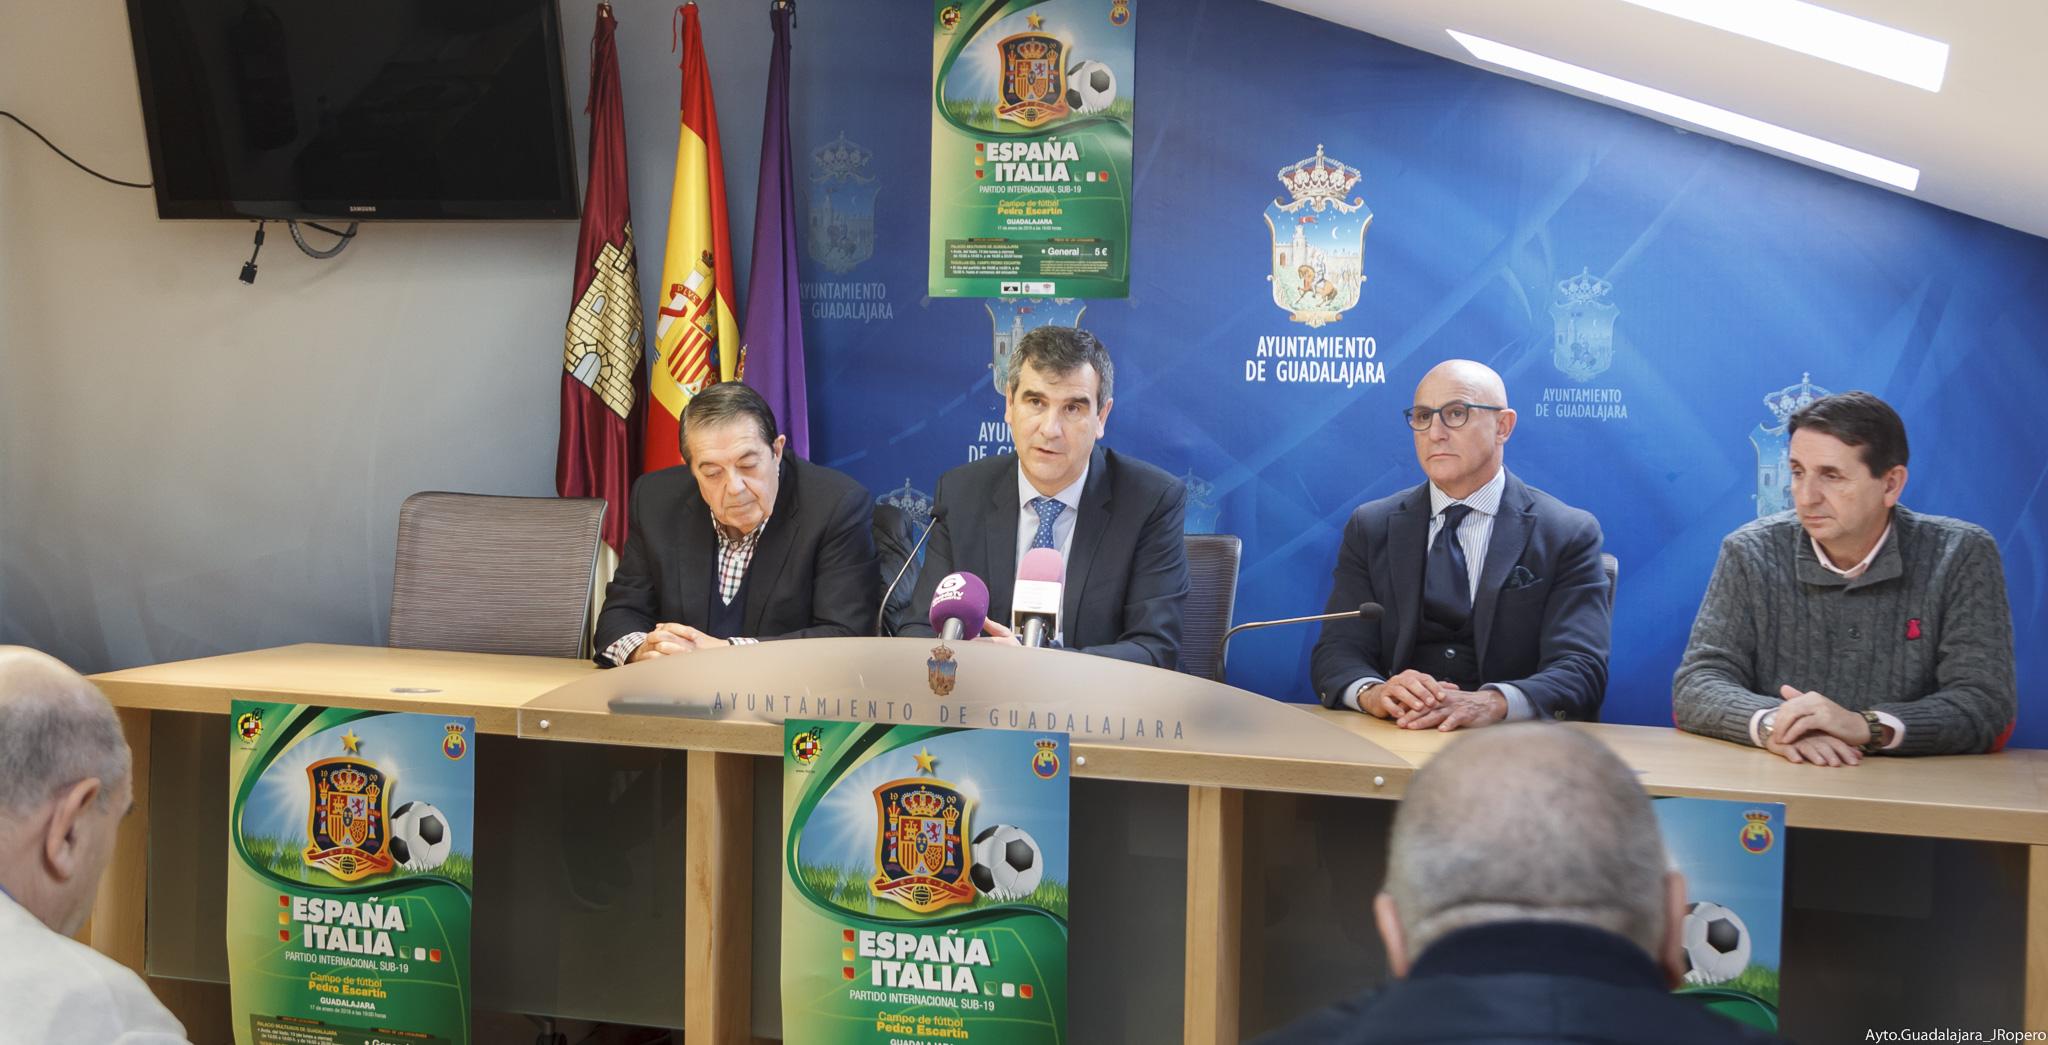 Guadalajara, escenario del duelo entre las selecciones sub 19 de fútbol de España e Italia